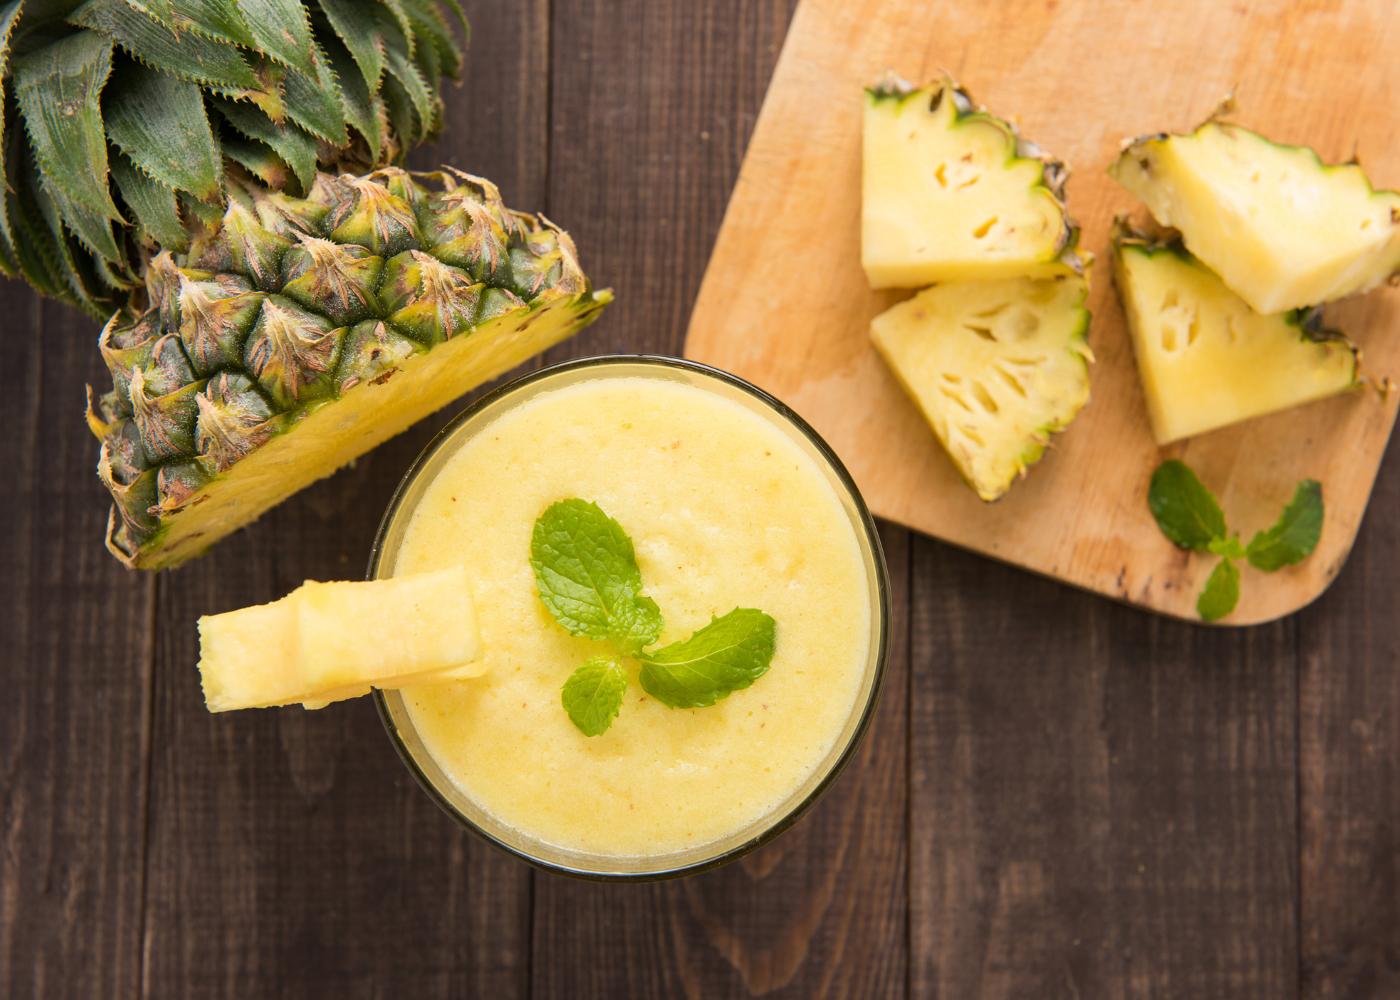 receitas de batidos rapidos, frescos e deliciosos